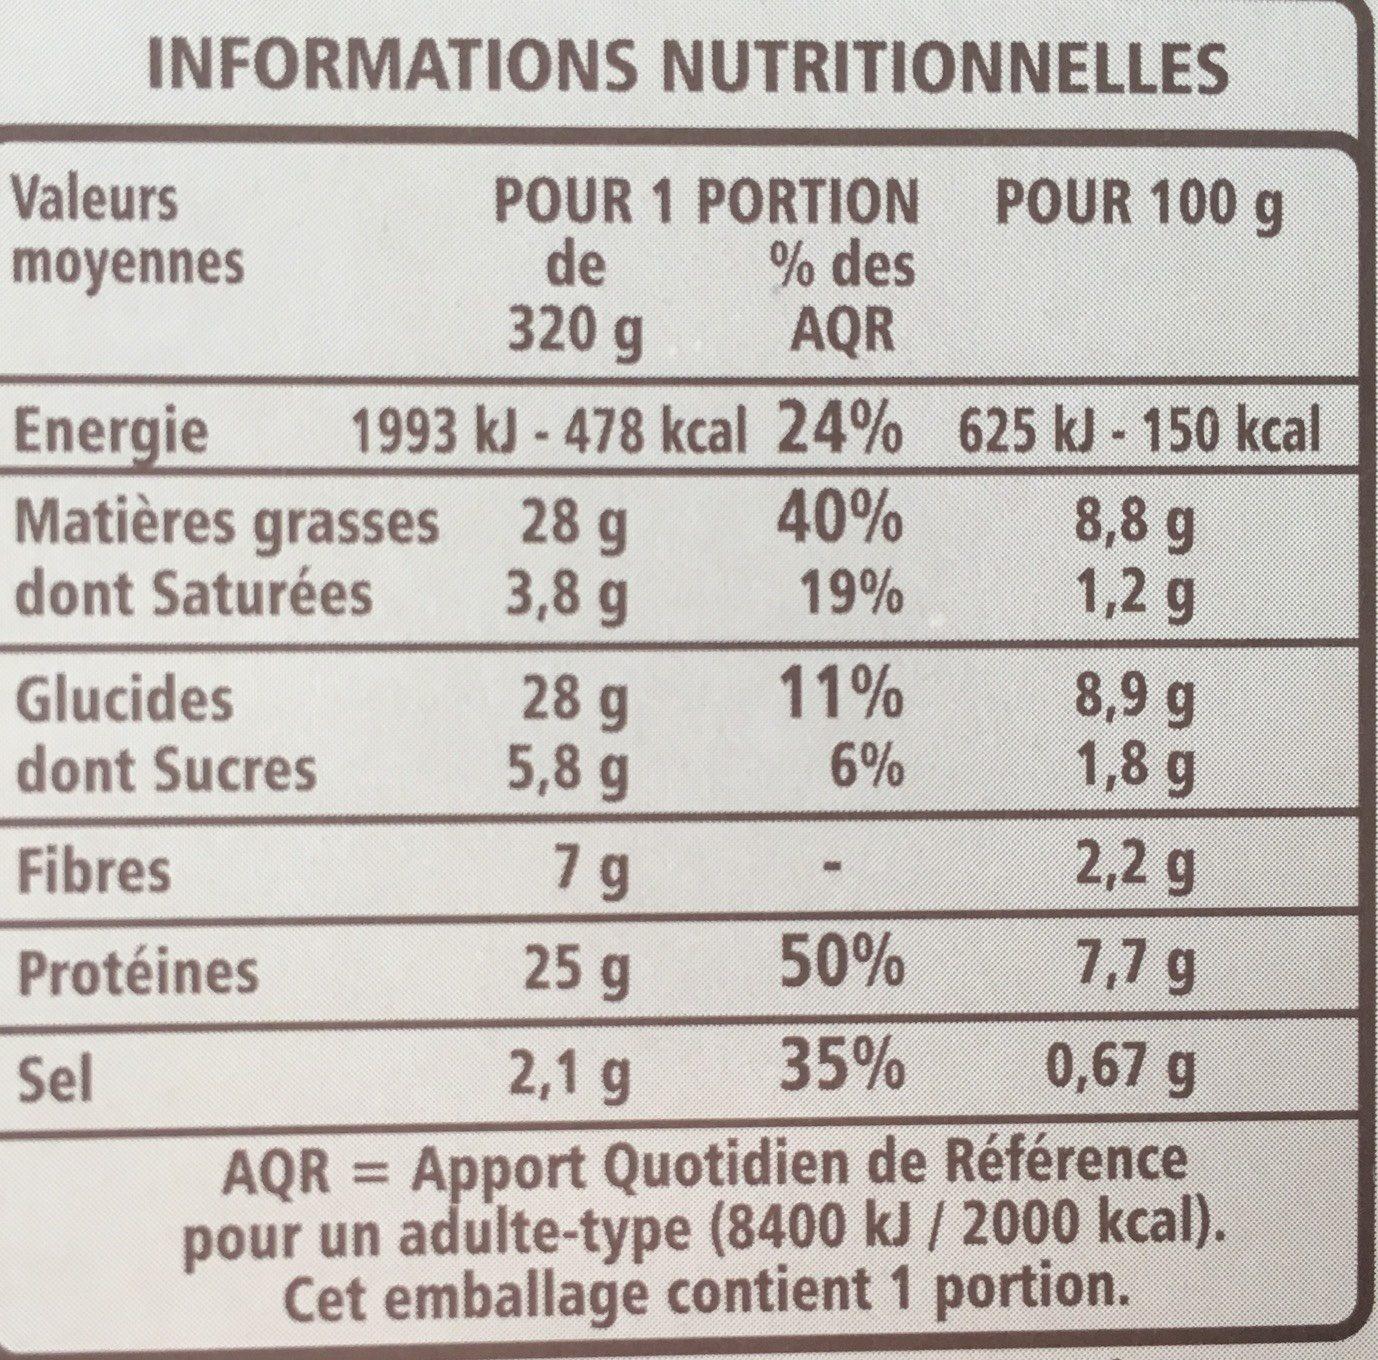 Salade au poulet : pâtes, salade, œuf,émincés de poulet rôti - Nutrition facts